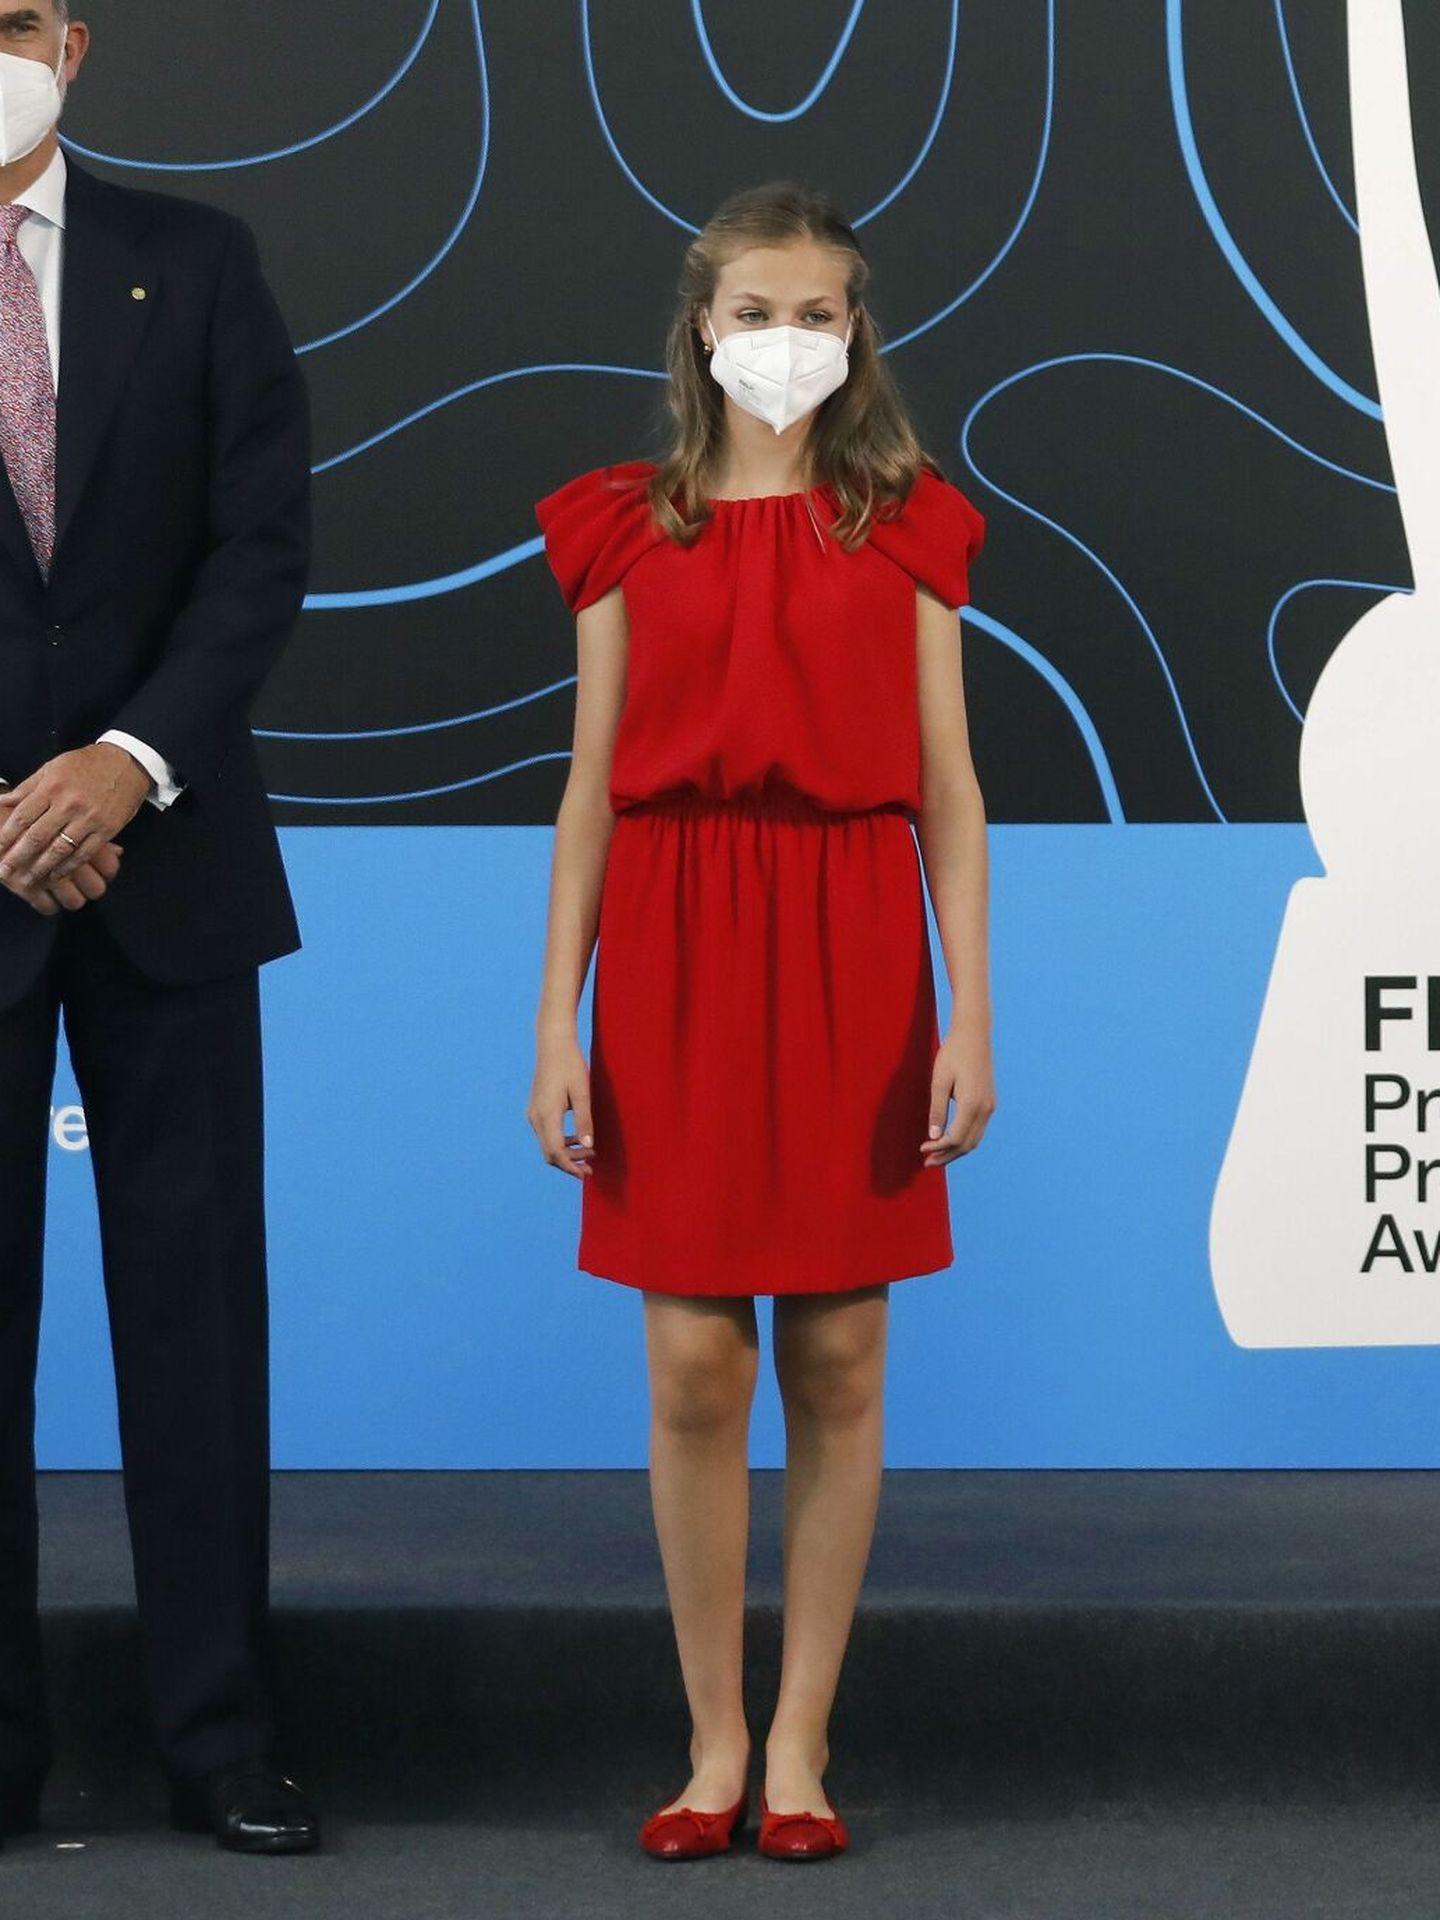 La princesa Leonor, en los Premios Pricnesa de Girona. (EFE)